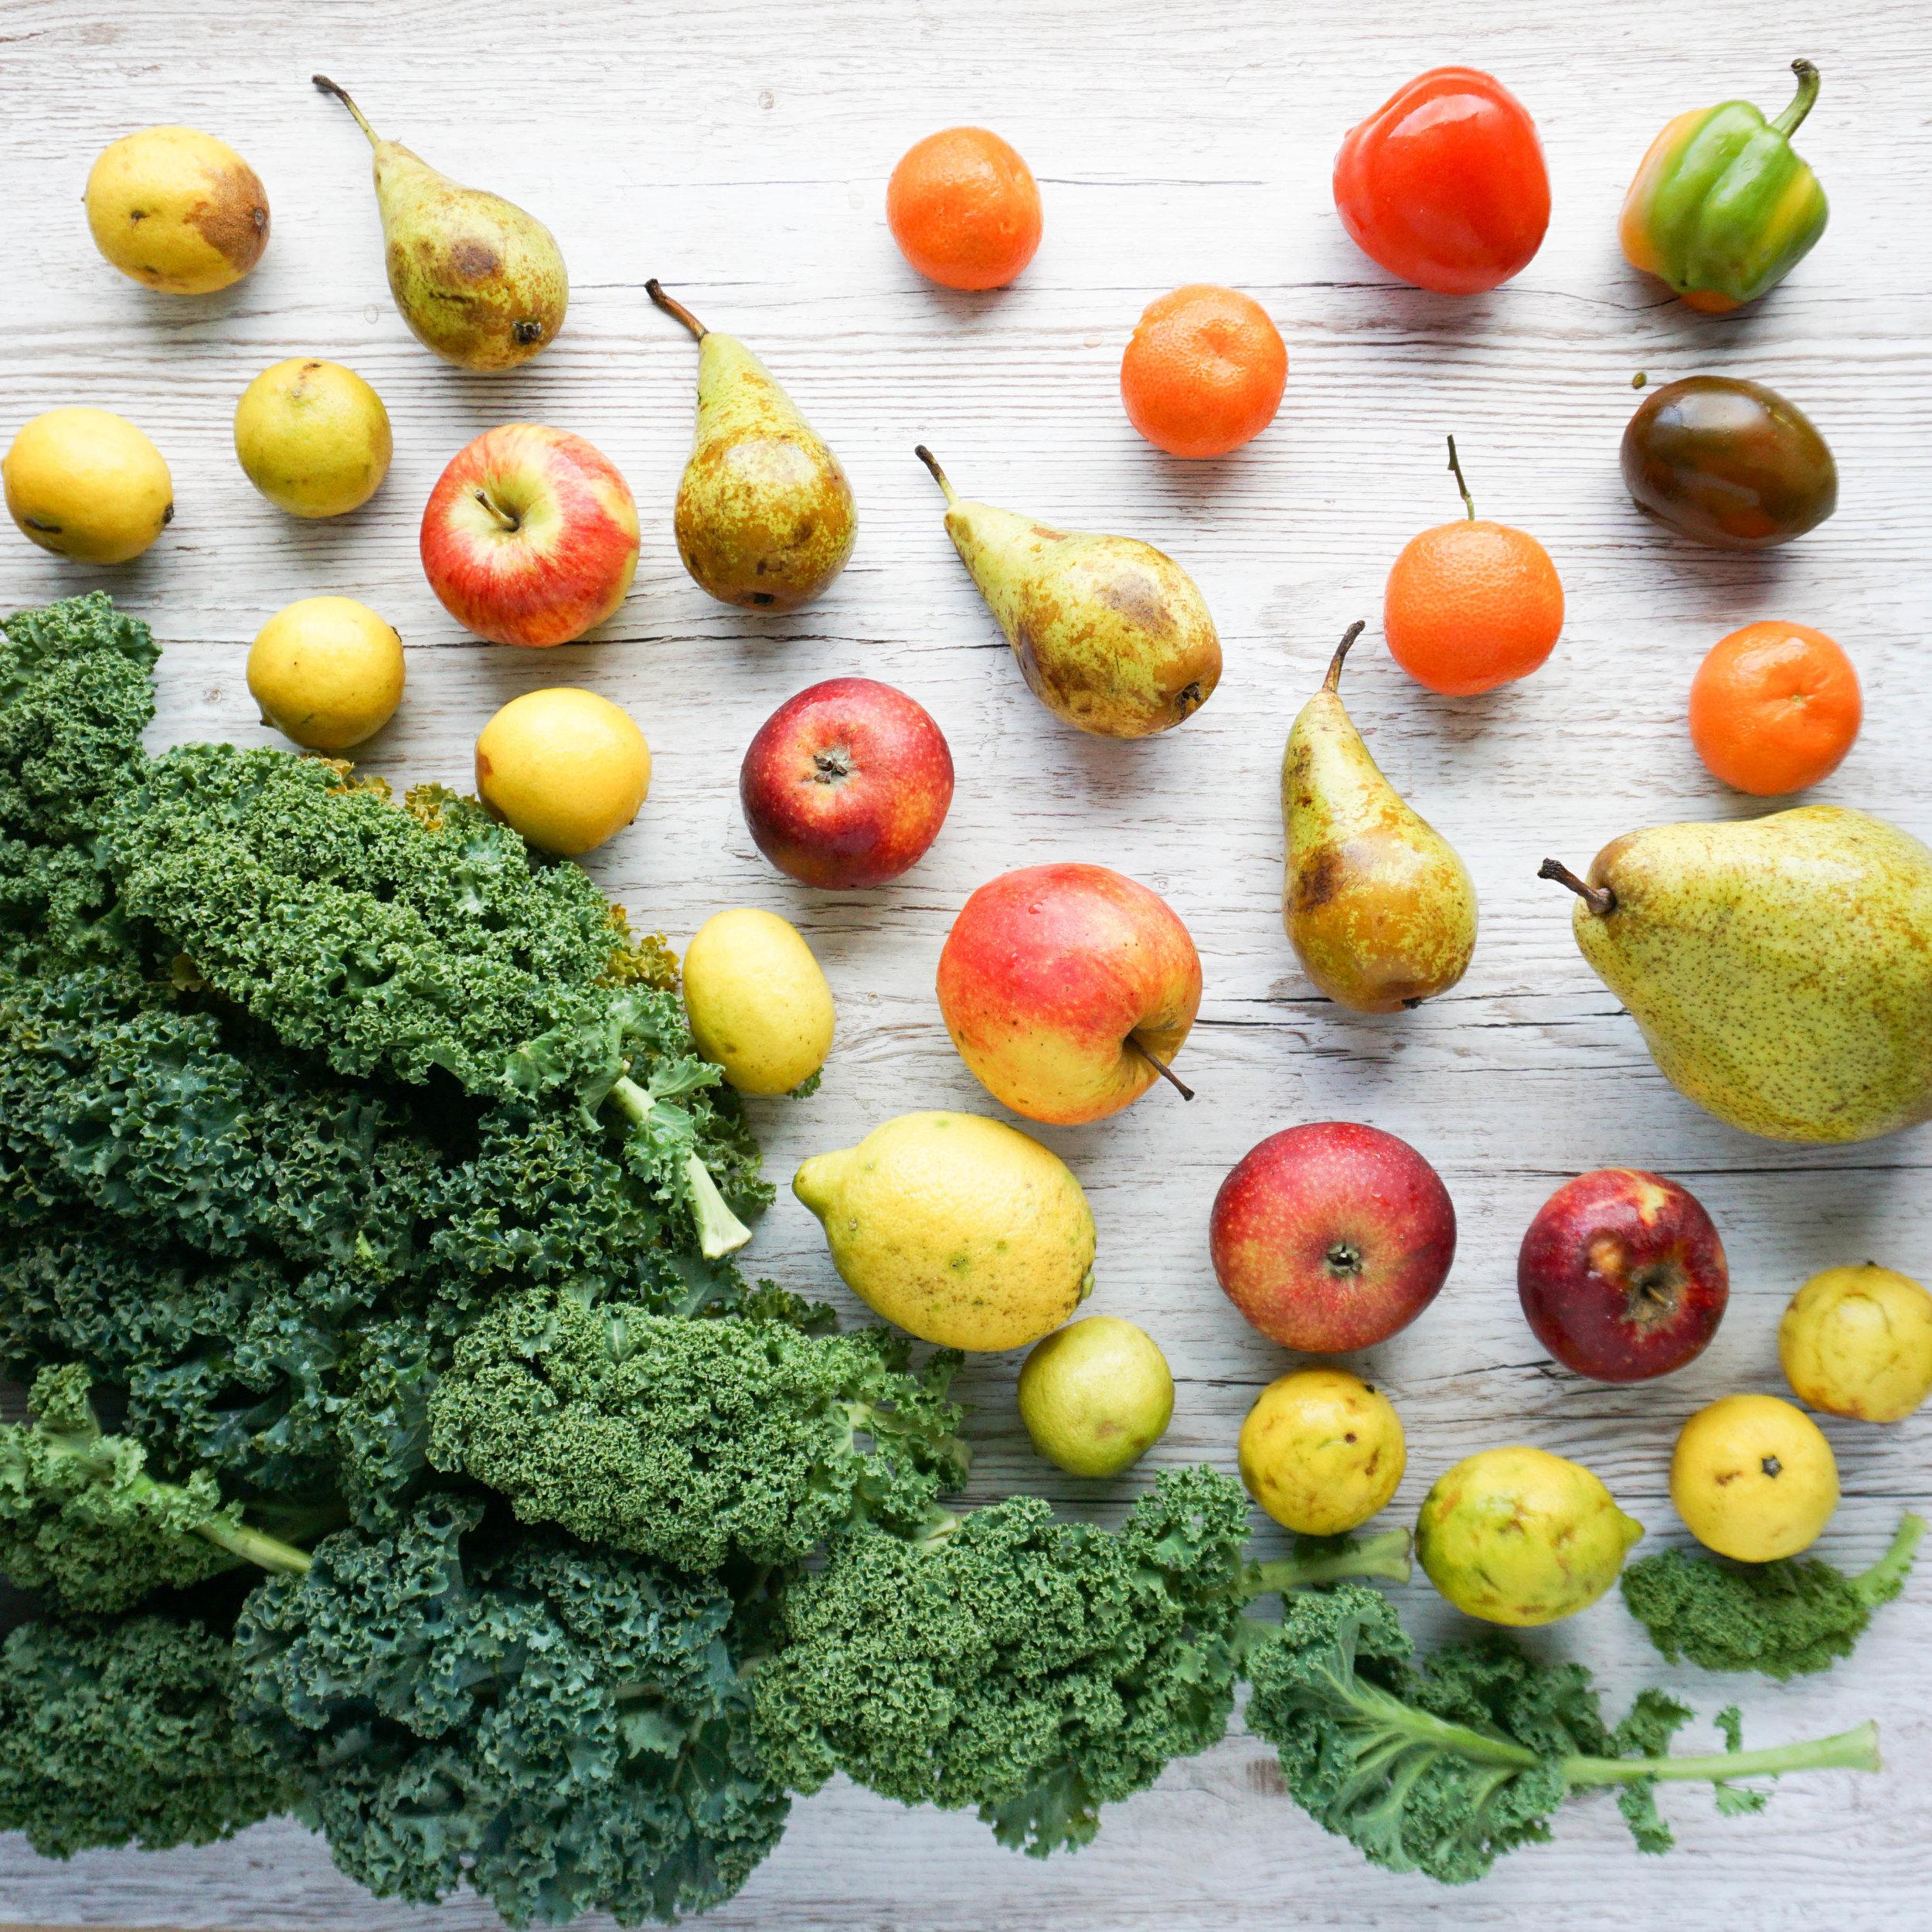 Lebensmittelretten via Foodsharing - Jahresrückblick der Nachhaltigkeit 2018.jpg